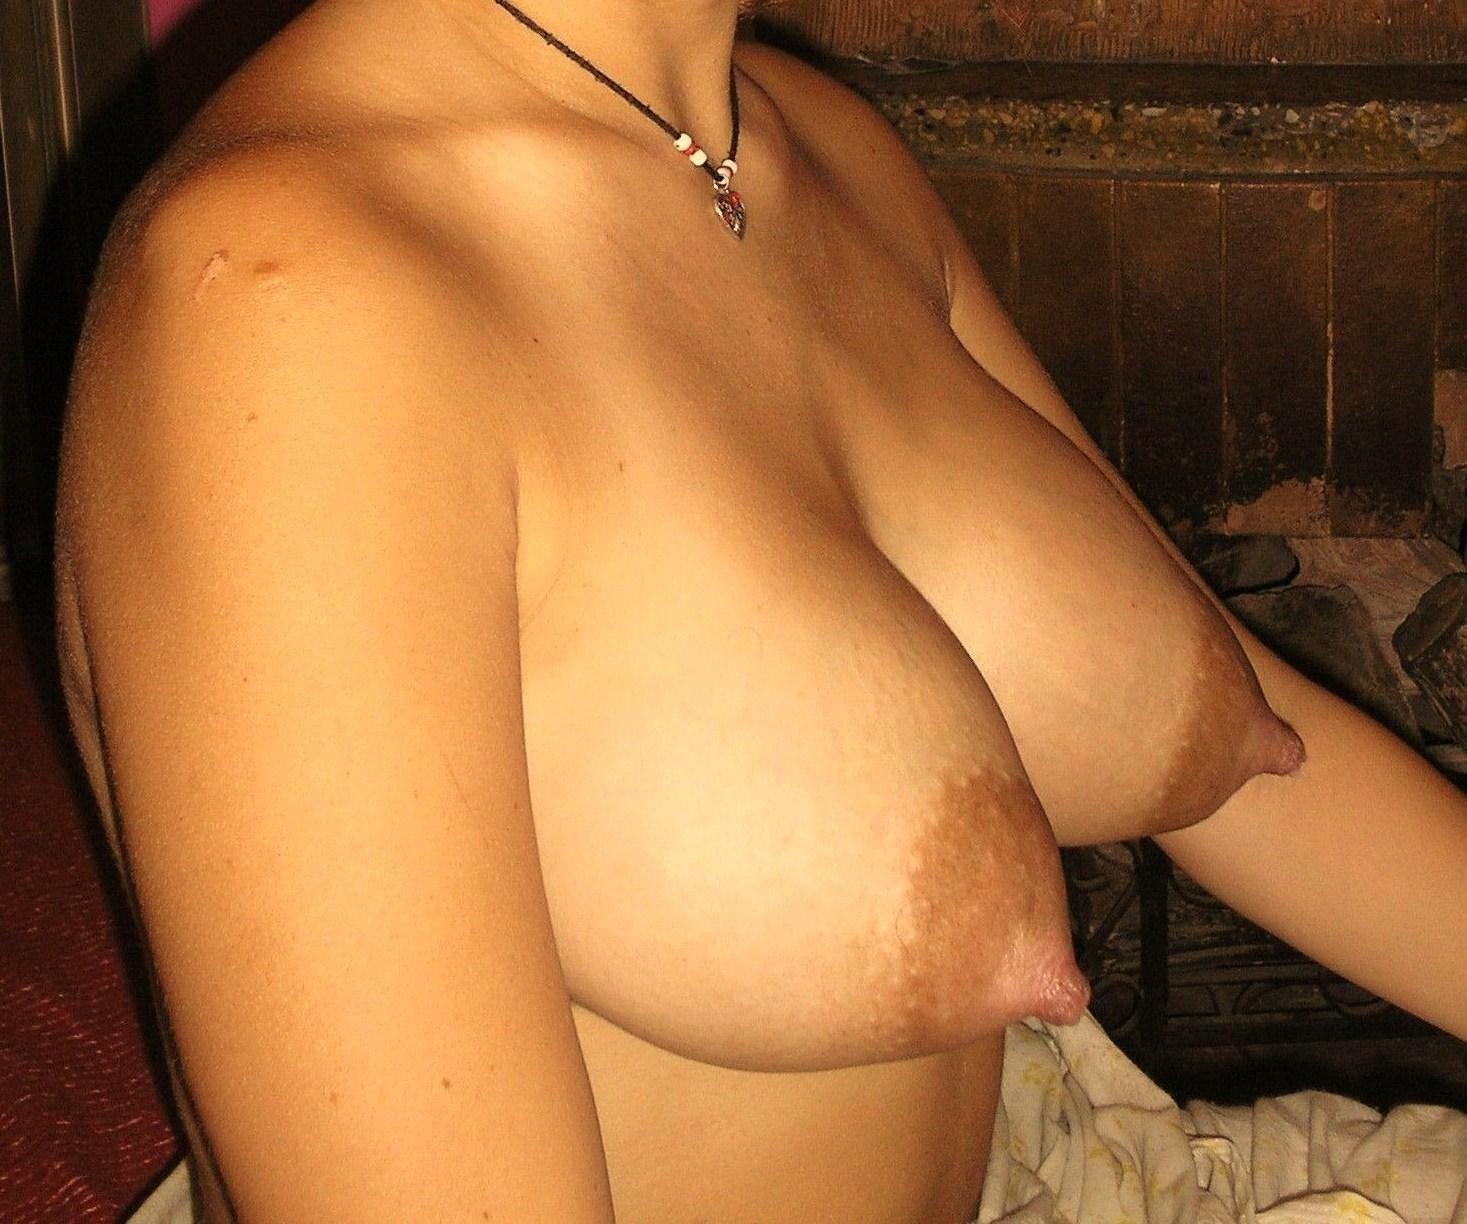 delhi schöne mädchen nackt foto – Erotic